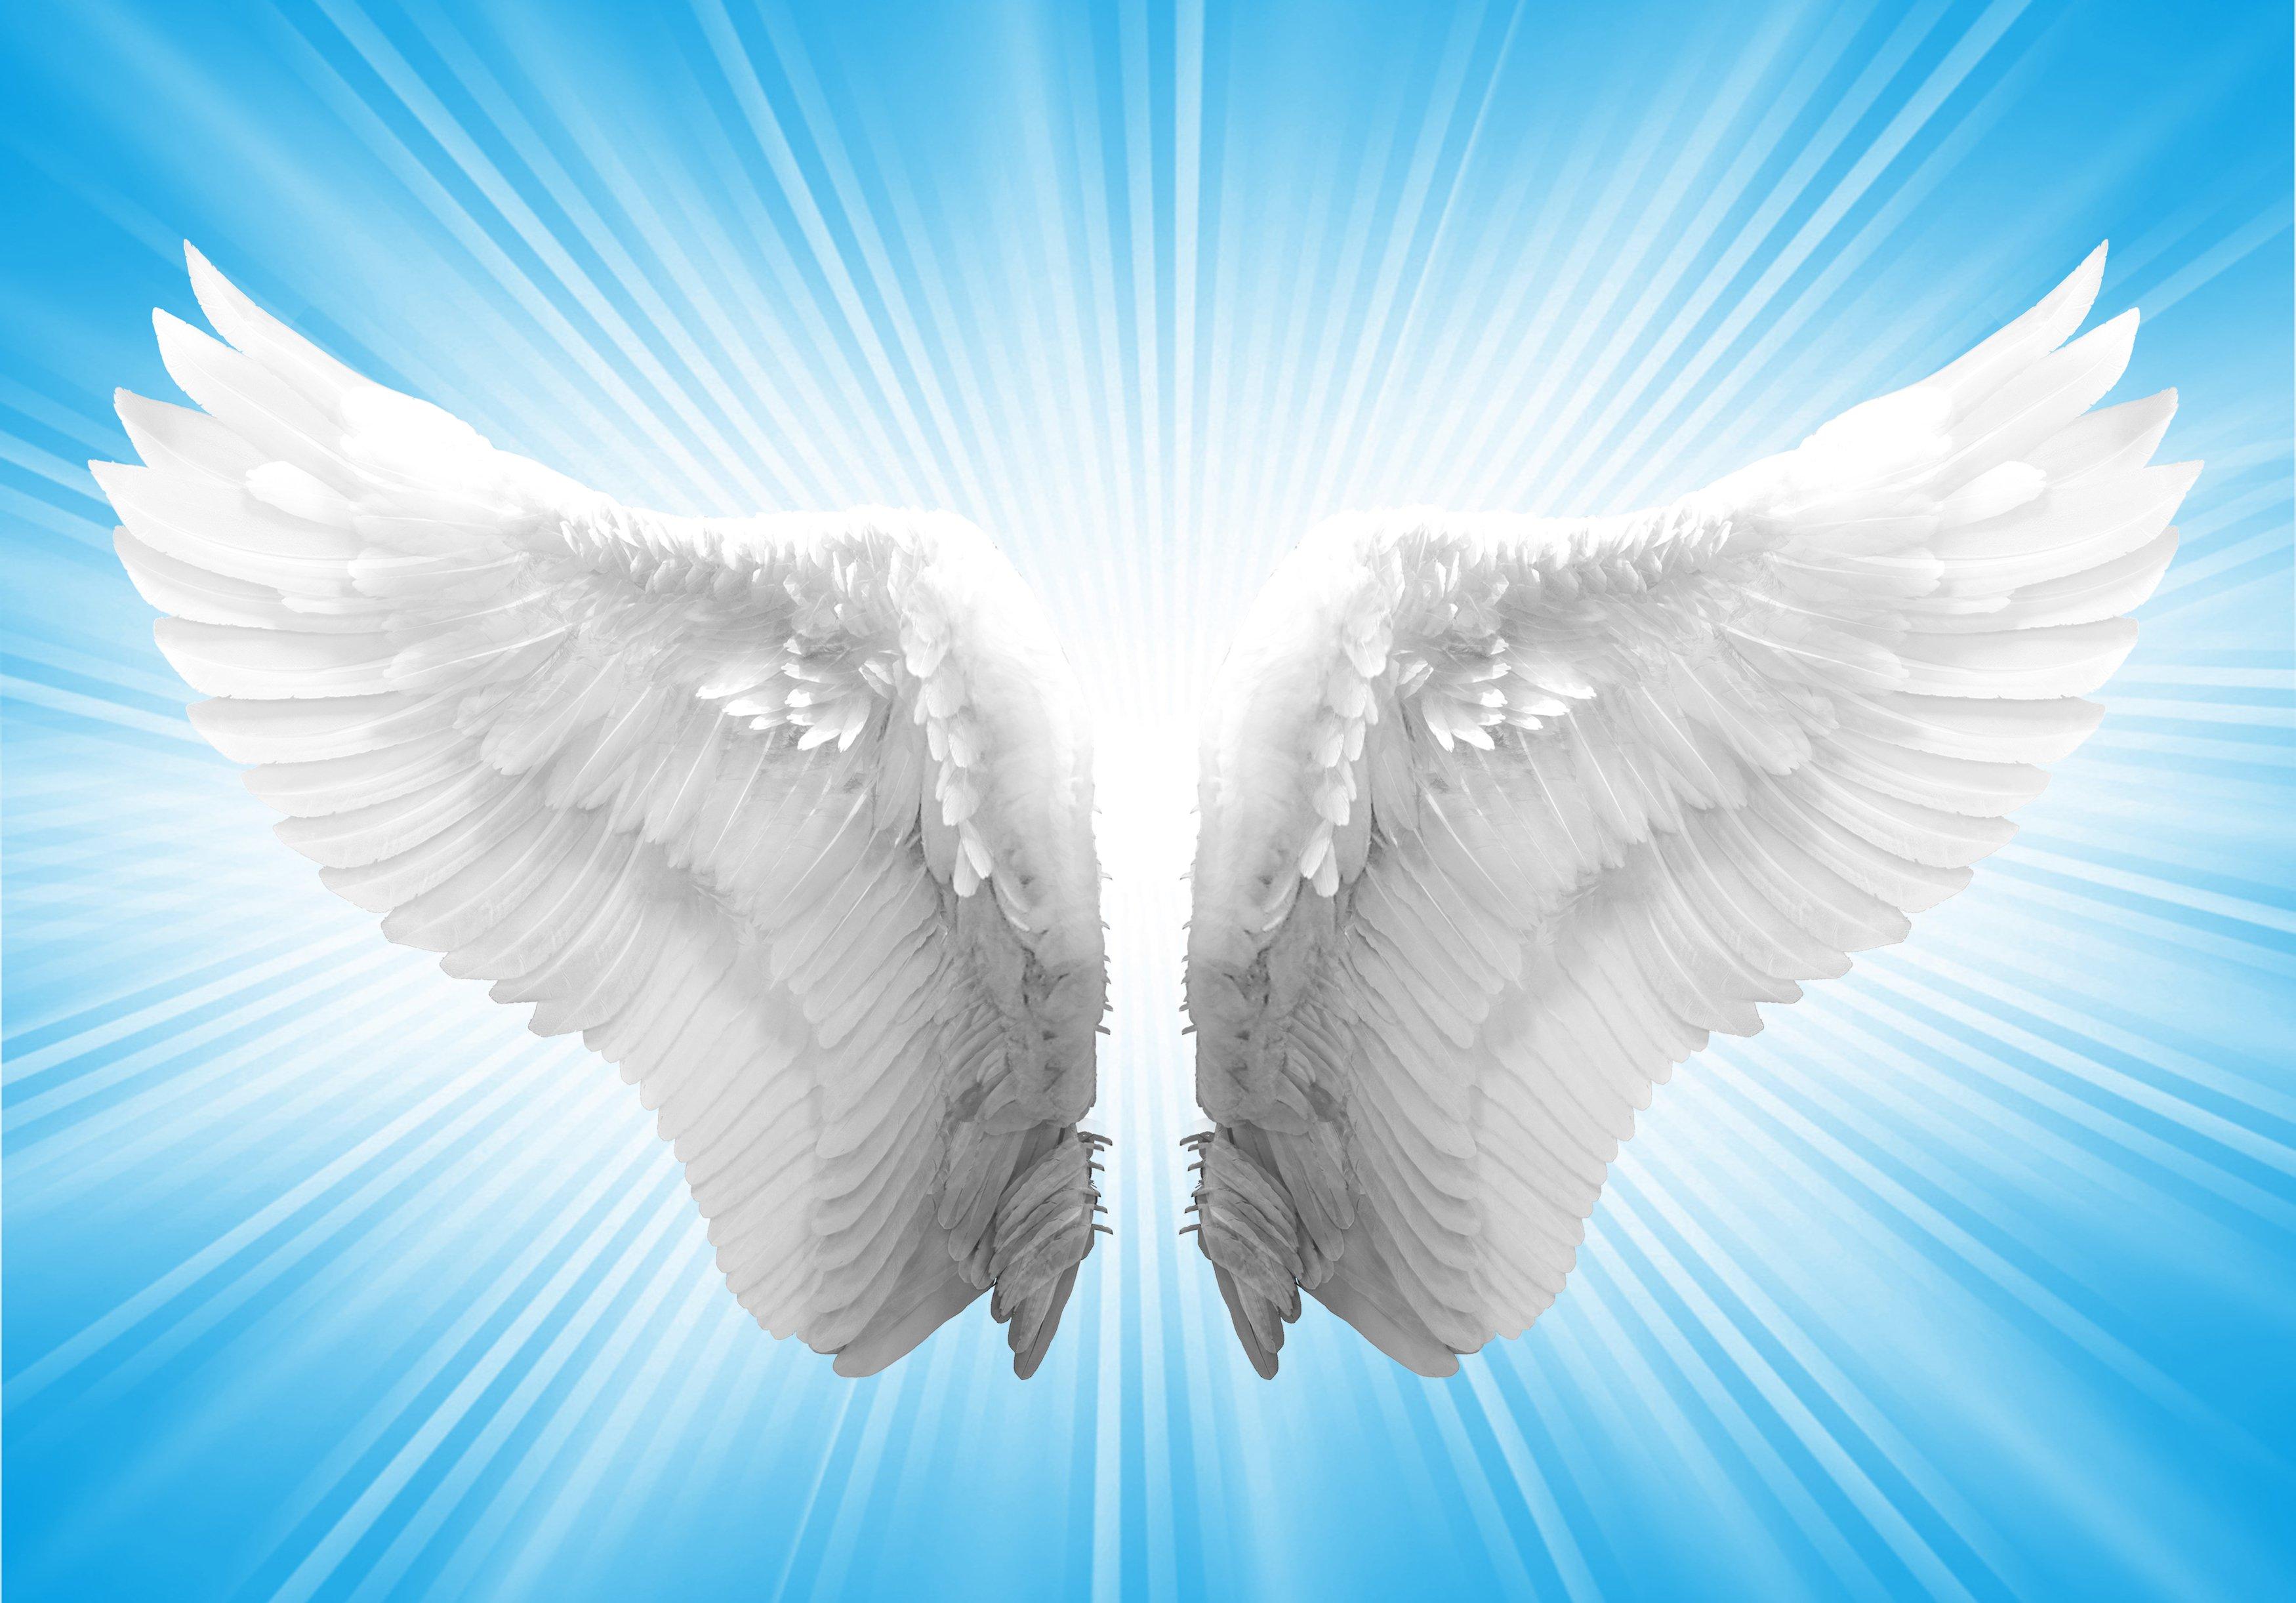 Free Wallpaper Angel Wings - WallpaperSafari